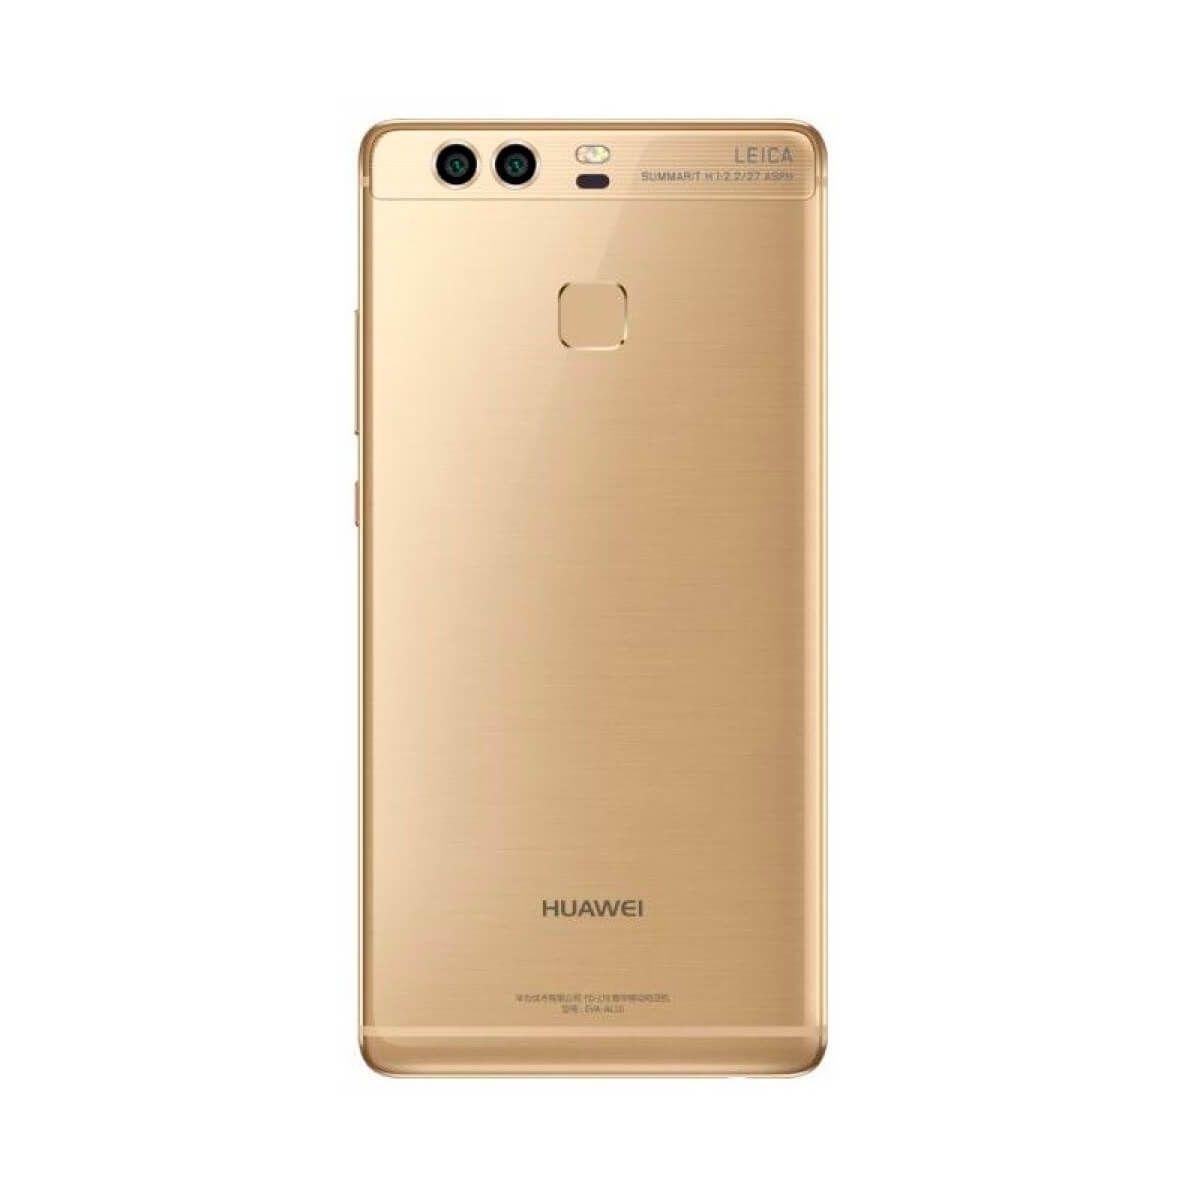 Huawei P9 : Caracteristicas y especificaciones